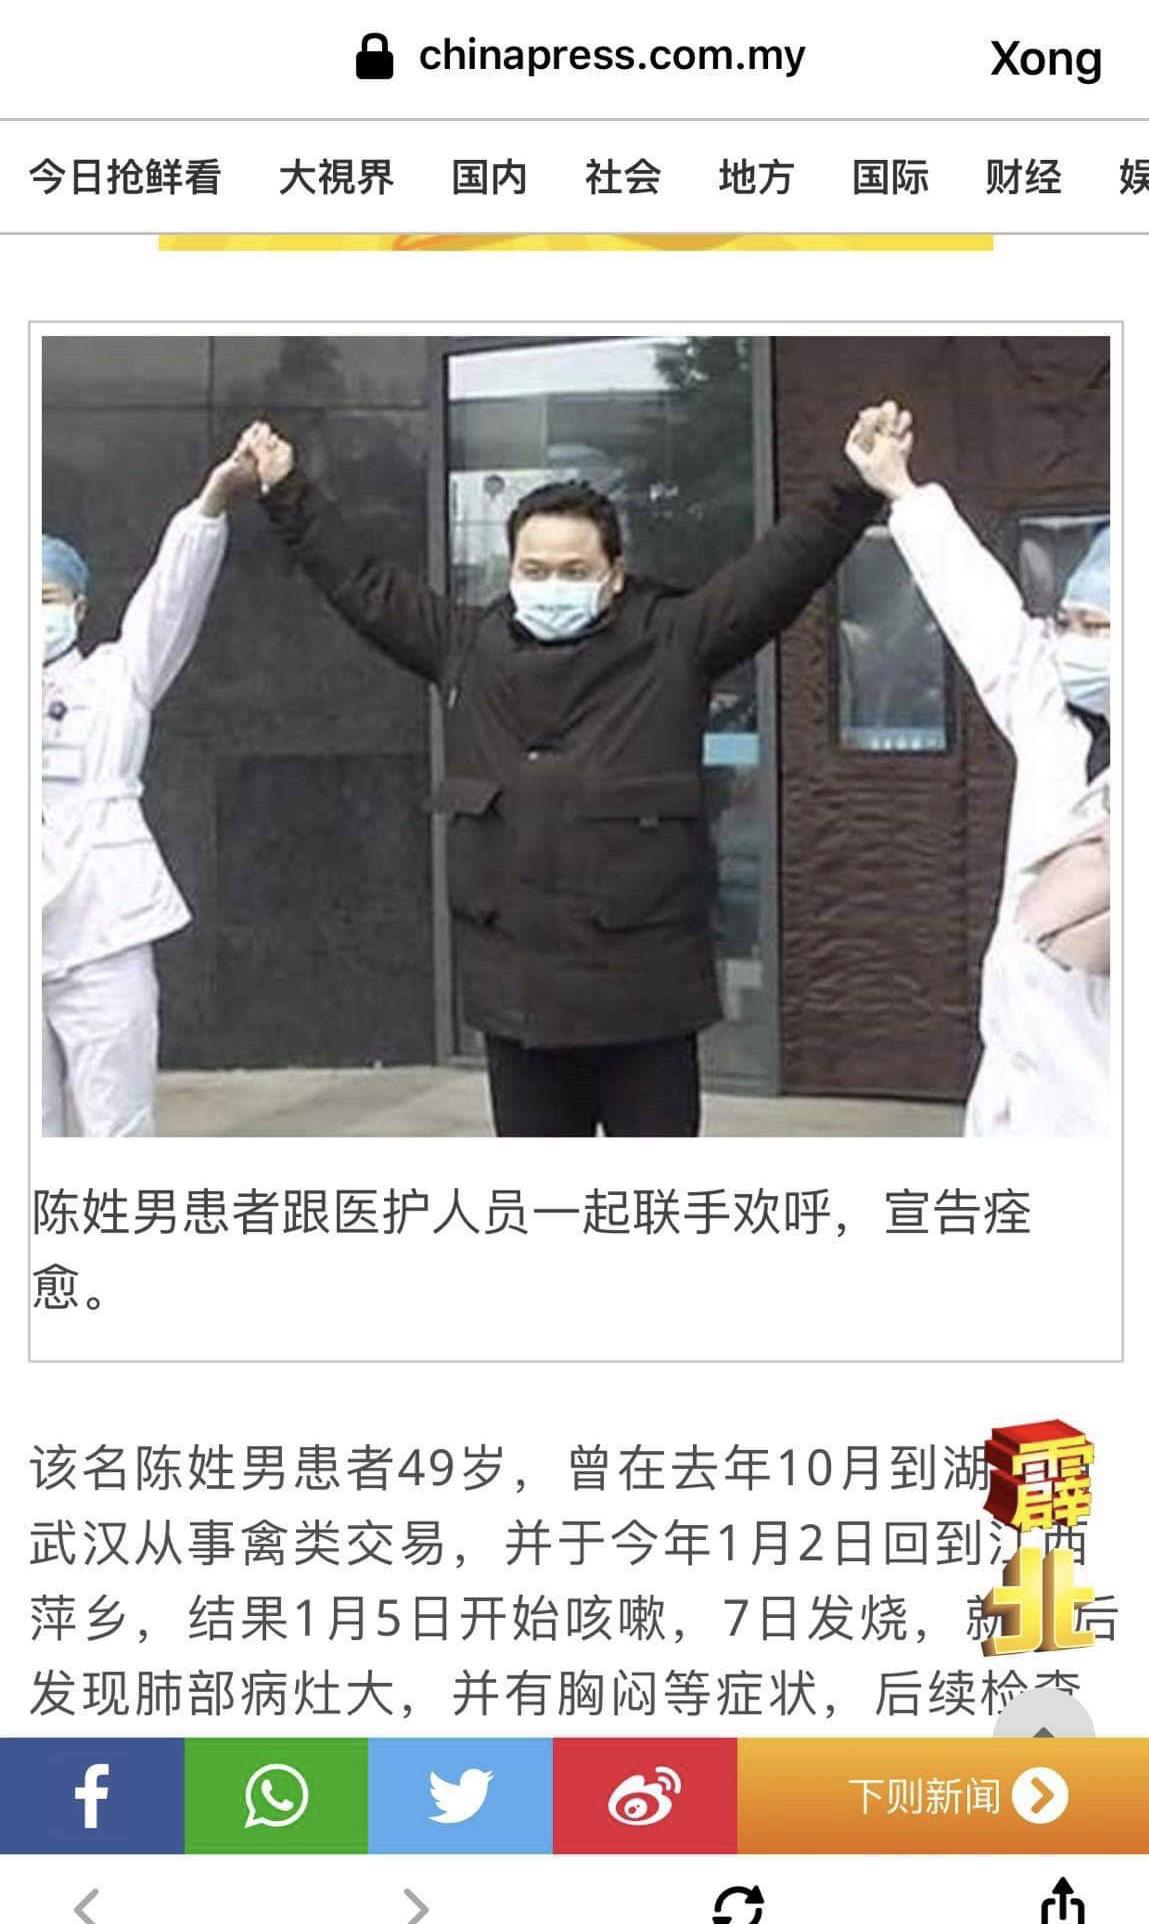 1 bệnh nhân viêm phổi Vũ Hán đã bình phục và xuất viện  - Ảnh 1.